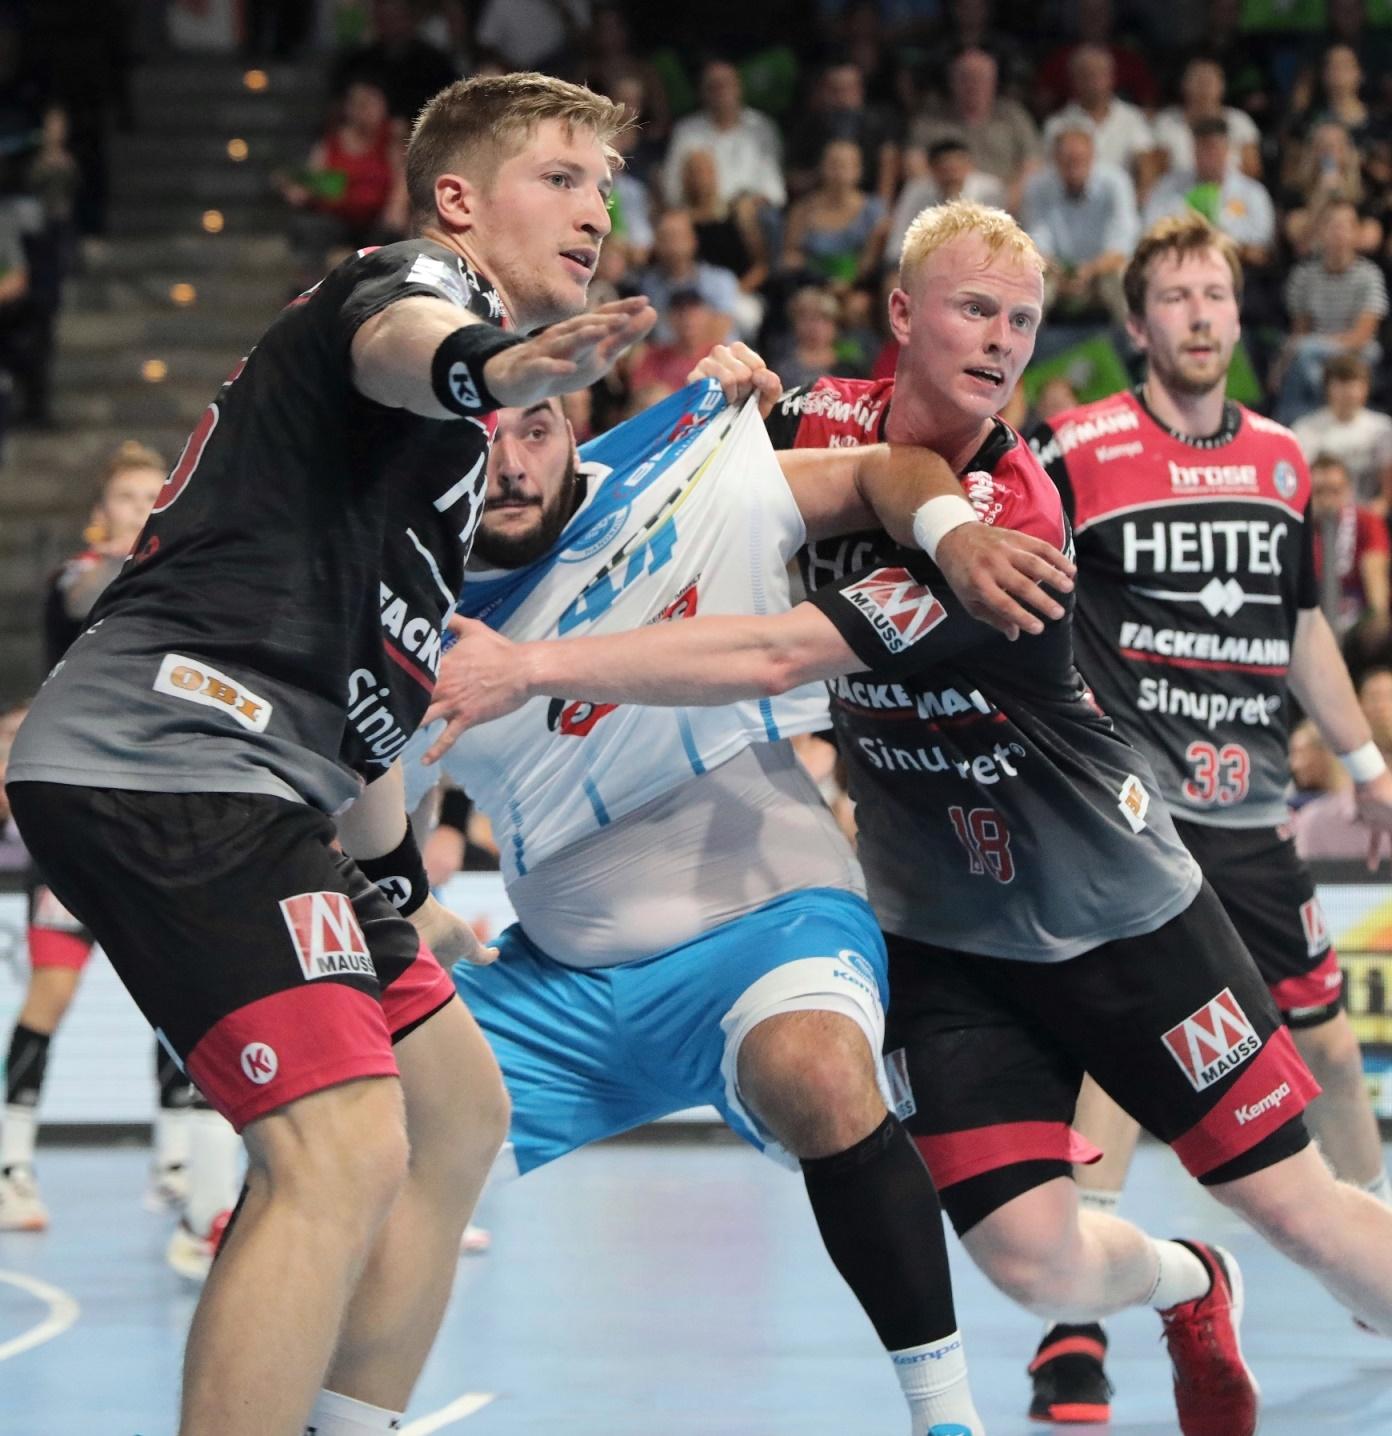 Der HC Erlangen feiert Heimsieg gegen Stuttgart